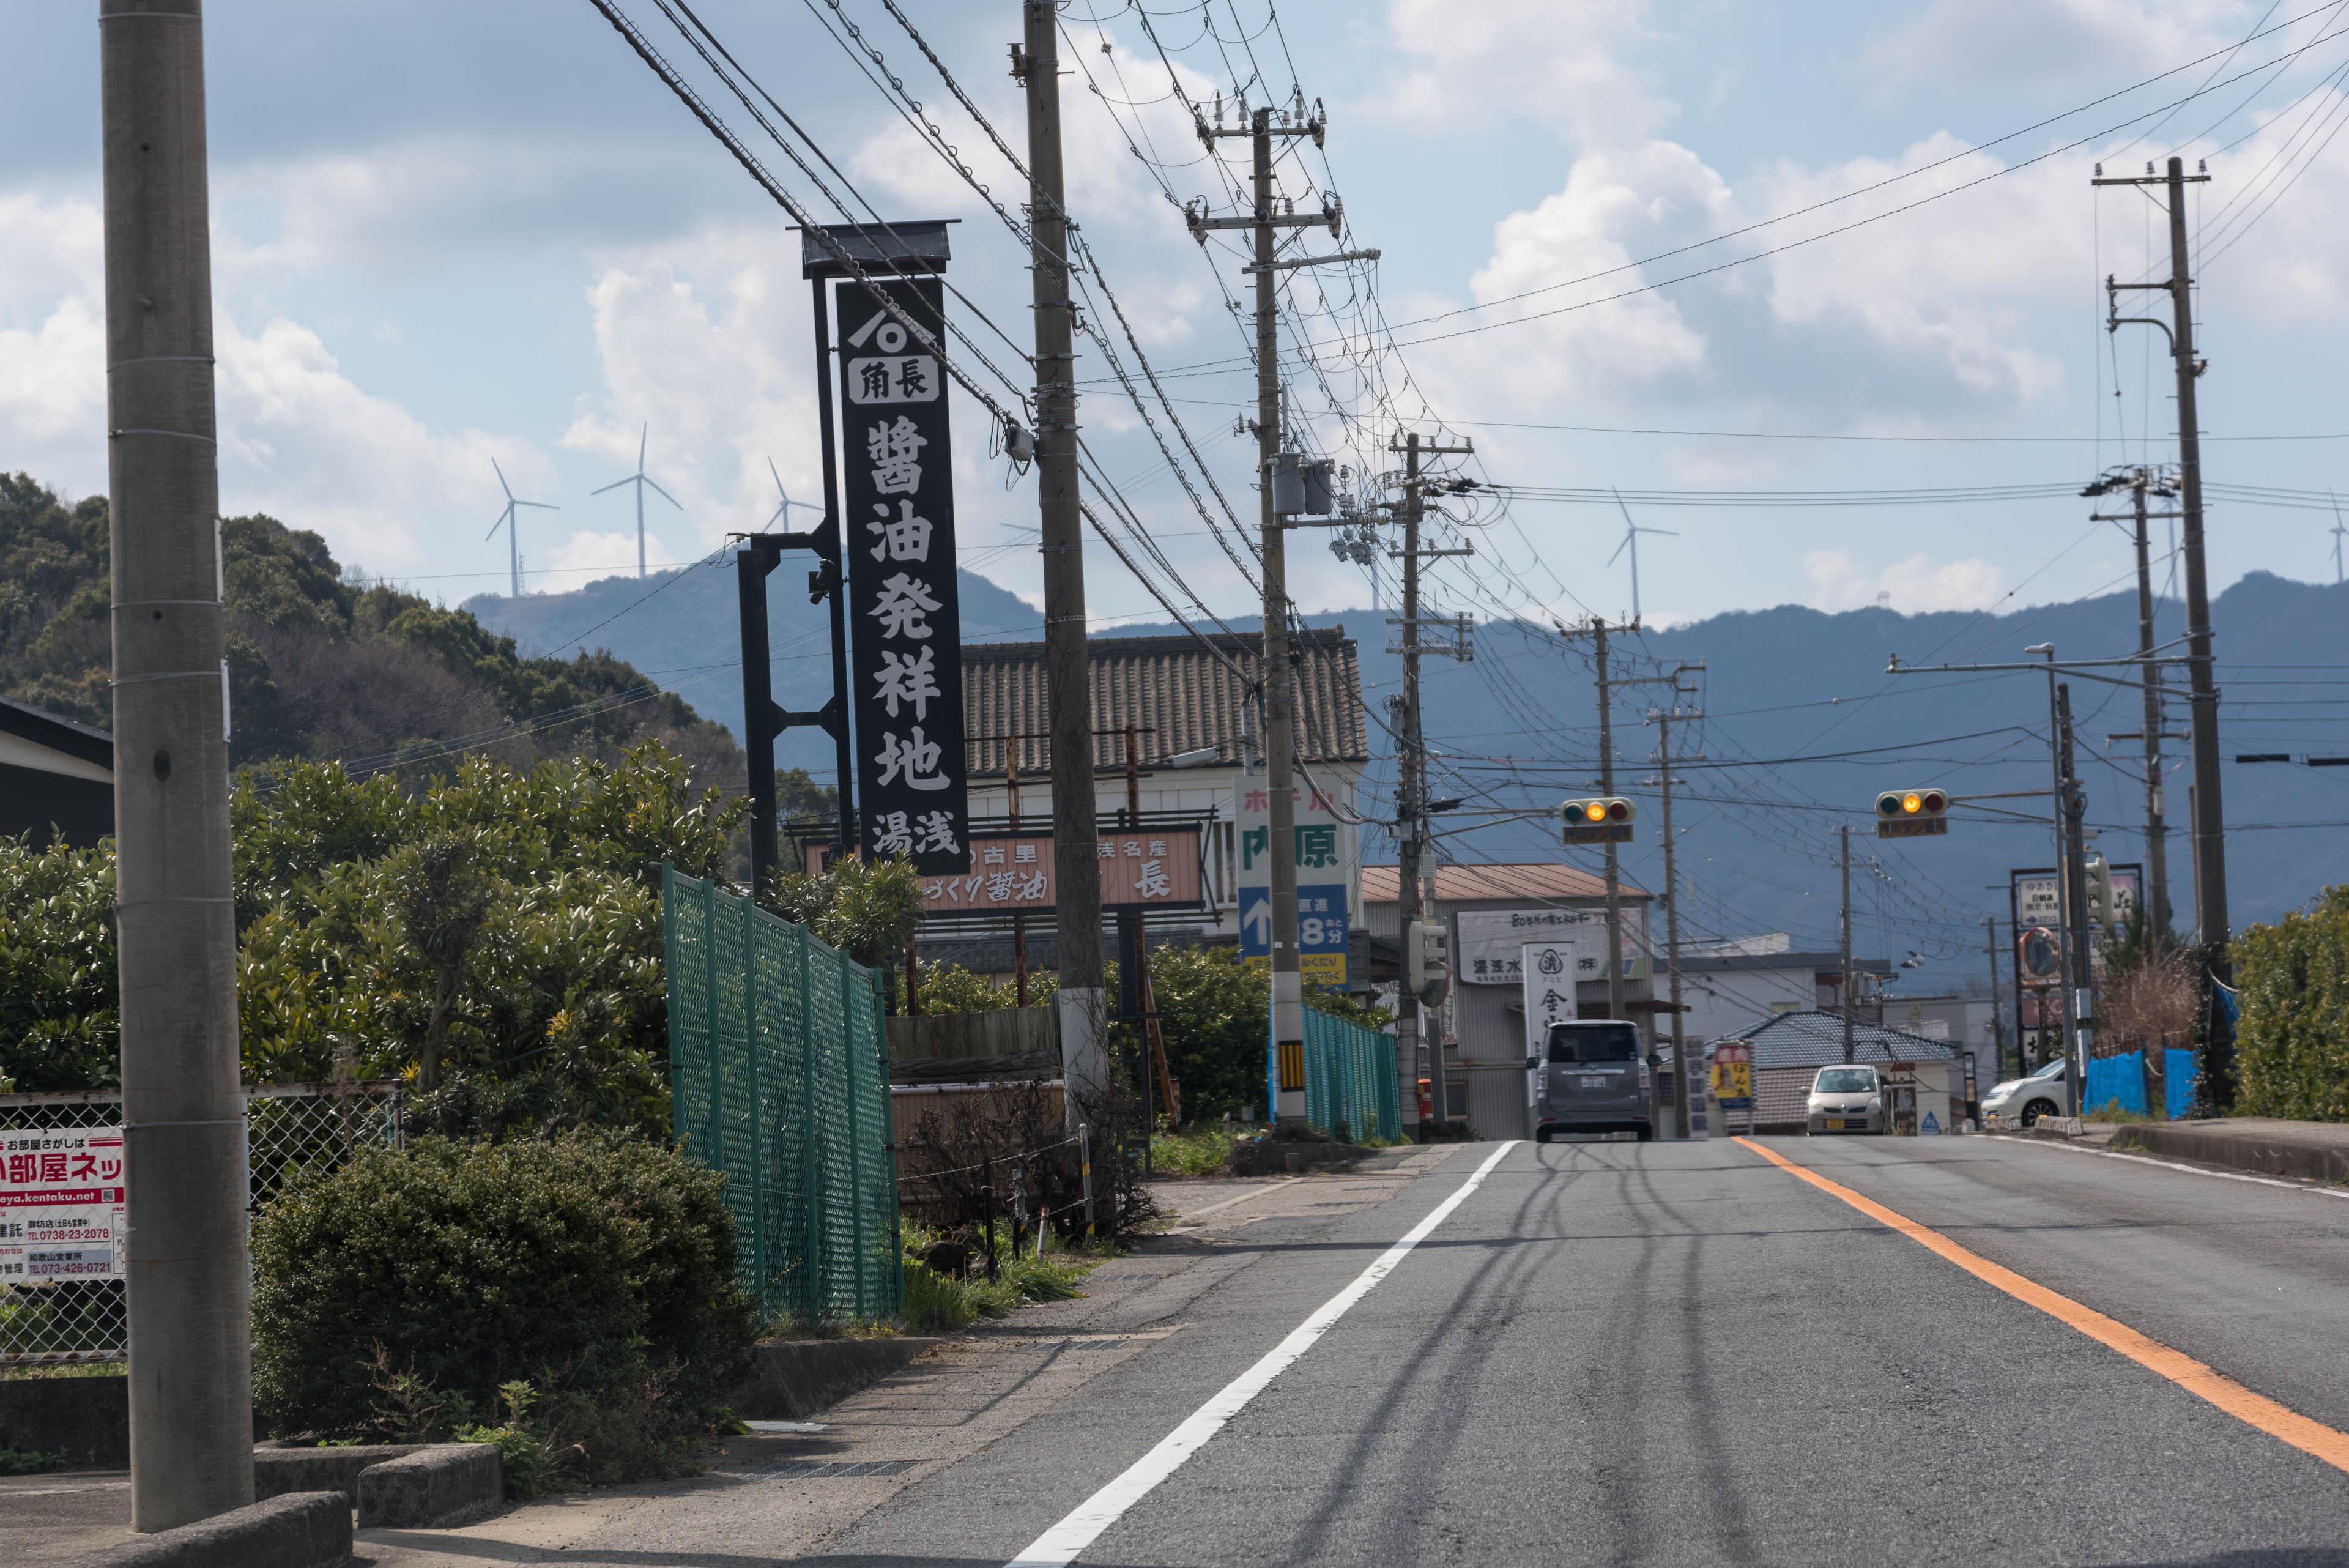 湯浅町 - 日本沿岸旅行記